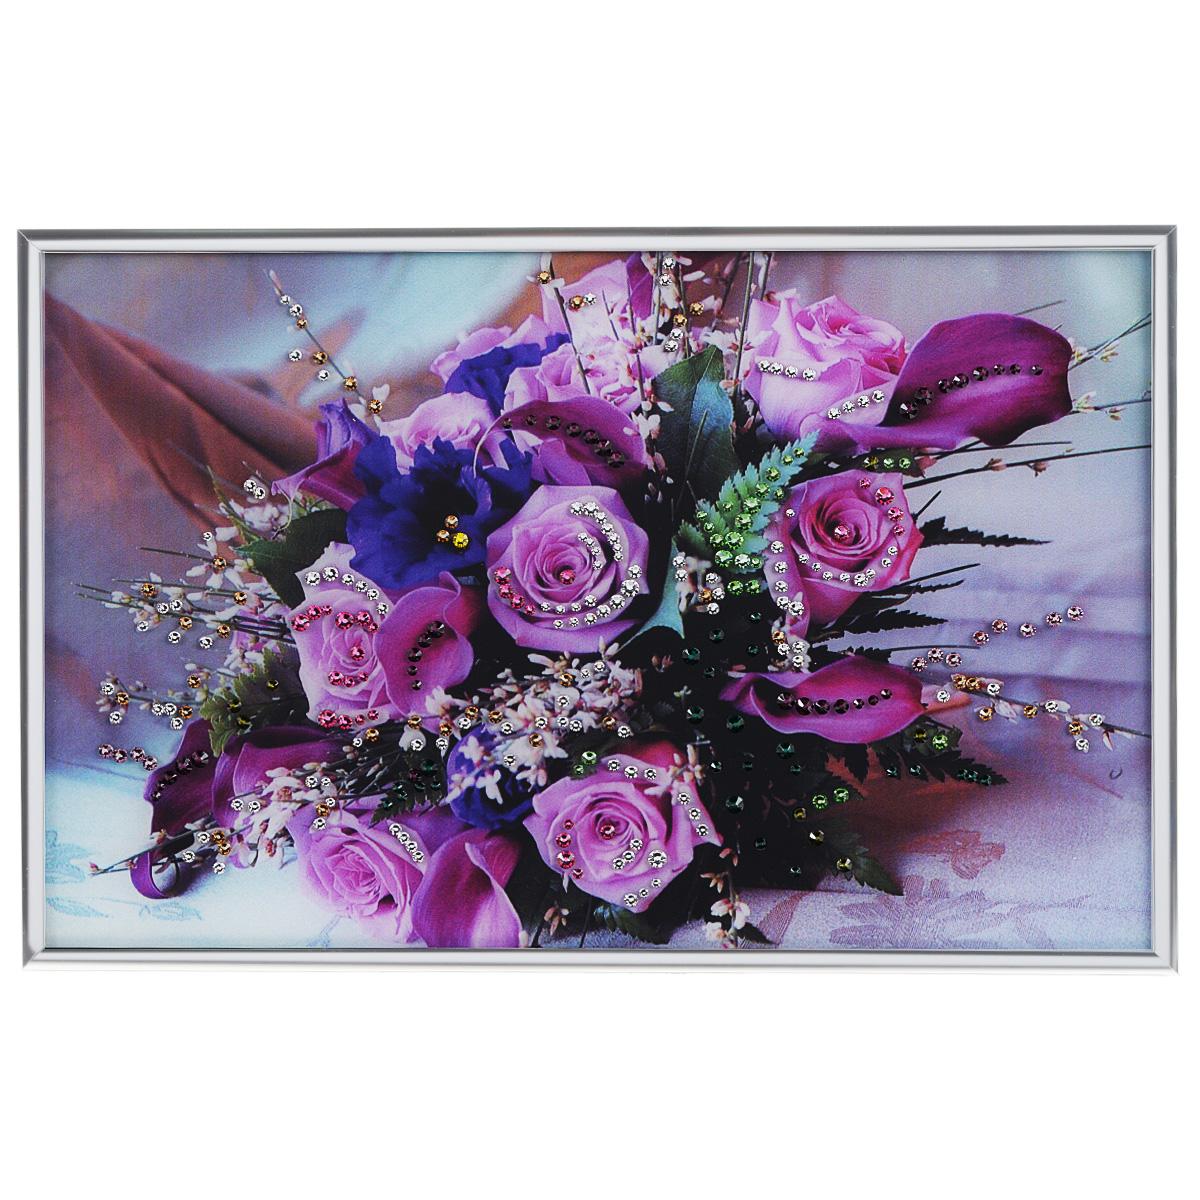 Картина с кристаллами Swarovski Розовые розы, 30 х 20 смAG 30-11Изящная картина в металлической раме, инкрустирована кристаллами Swarovski, которые отличаются четкой и ровной огранкой, ярким блеском и чистотой цвета. Красочное изображение букета роз, расположенное под стеклом, прекрасно дополняет блеск кристаллов. С обратной стороны имеется металлическая петелька для размещения картины на стене.Картина с кристаллами Swarovski Розовые розы элегантно украсит интерьер дома или офиса, а также станет прекрасным подарком, который обязательно понравится получателю. Блеск кристаллов в интерьере, что может быть сказочнее и удивительнее. Картина упакована в подарочную картонную коробку синего цвета и комплектуется сертификатом соответствия Swarovski.